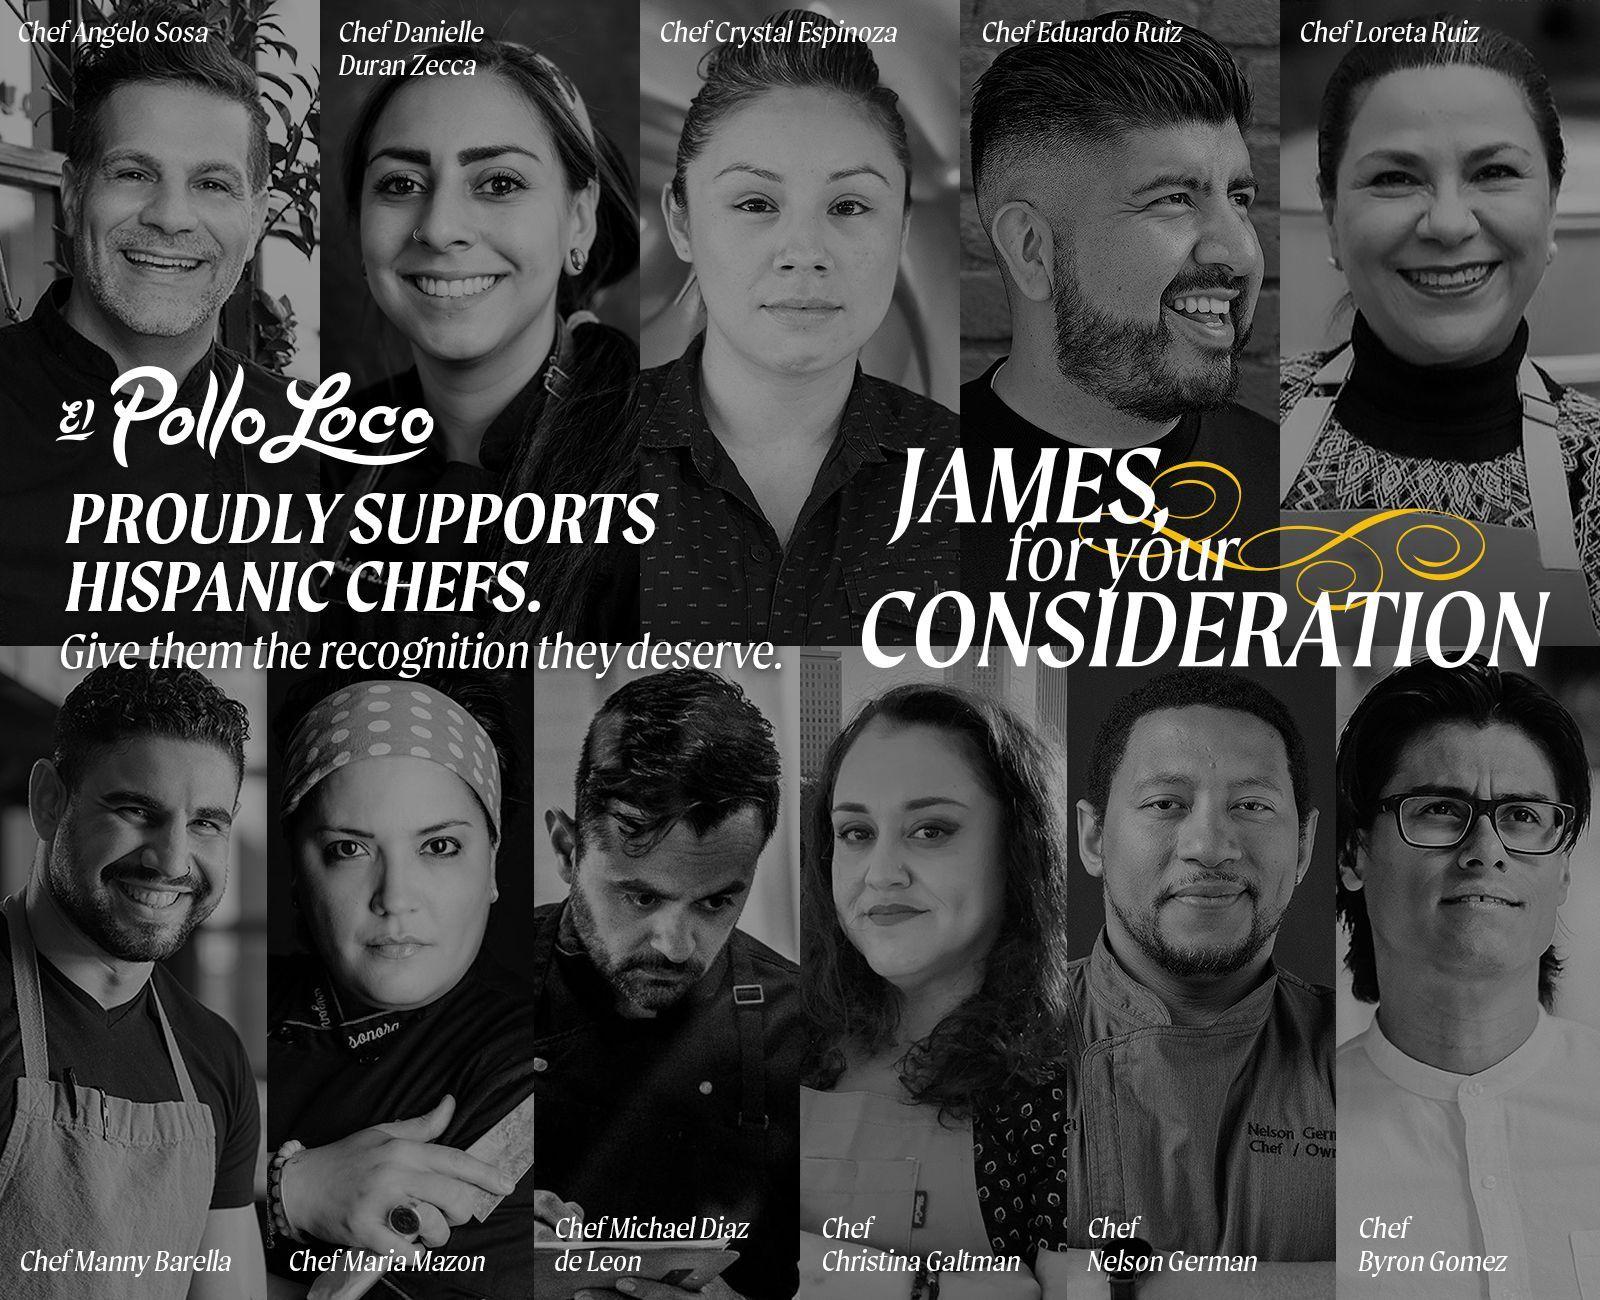 El Pollo Loco appelle à la reconnaissance depuis longtemps des talents culinaires hispaniques avec le Mois du patrimoine hispanique pour votre campagne de considération